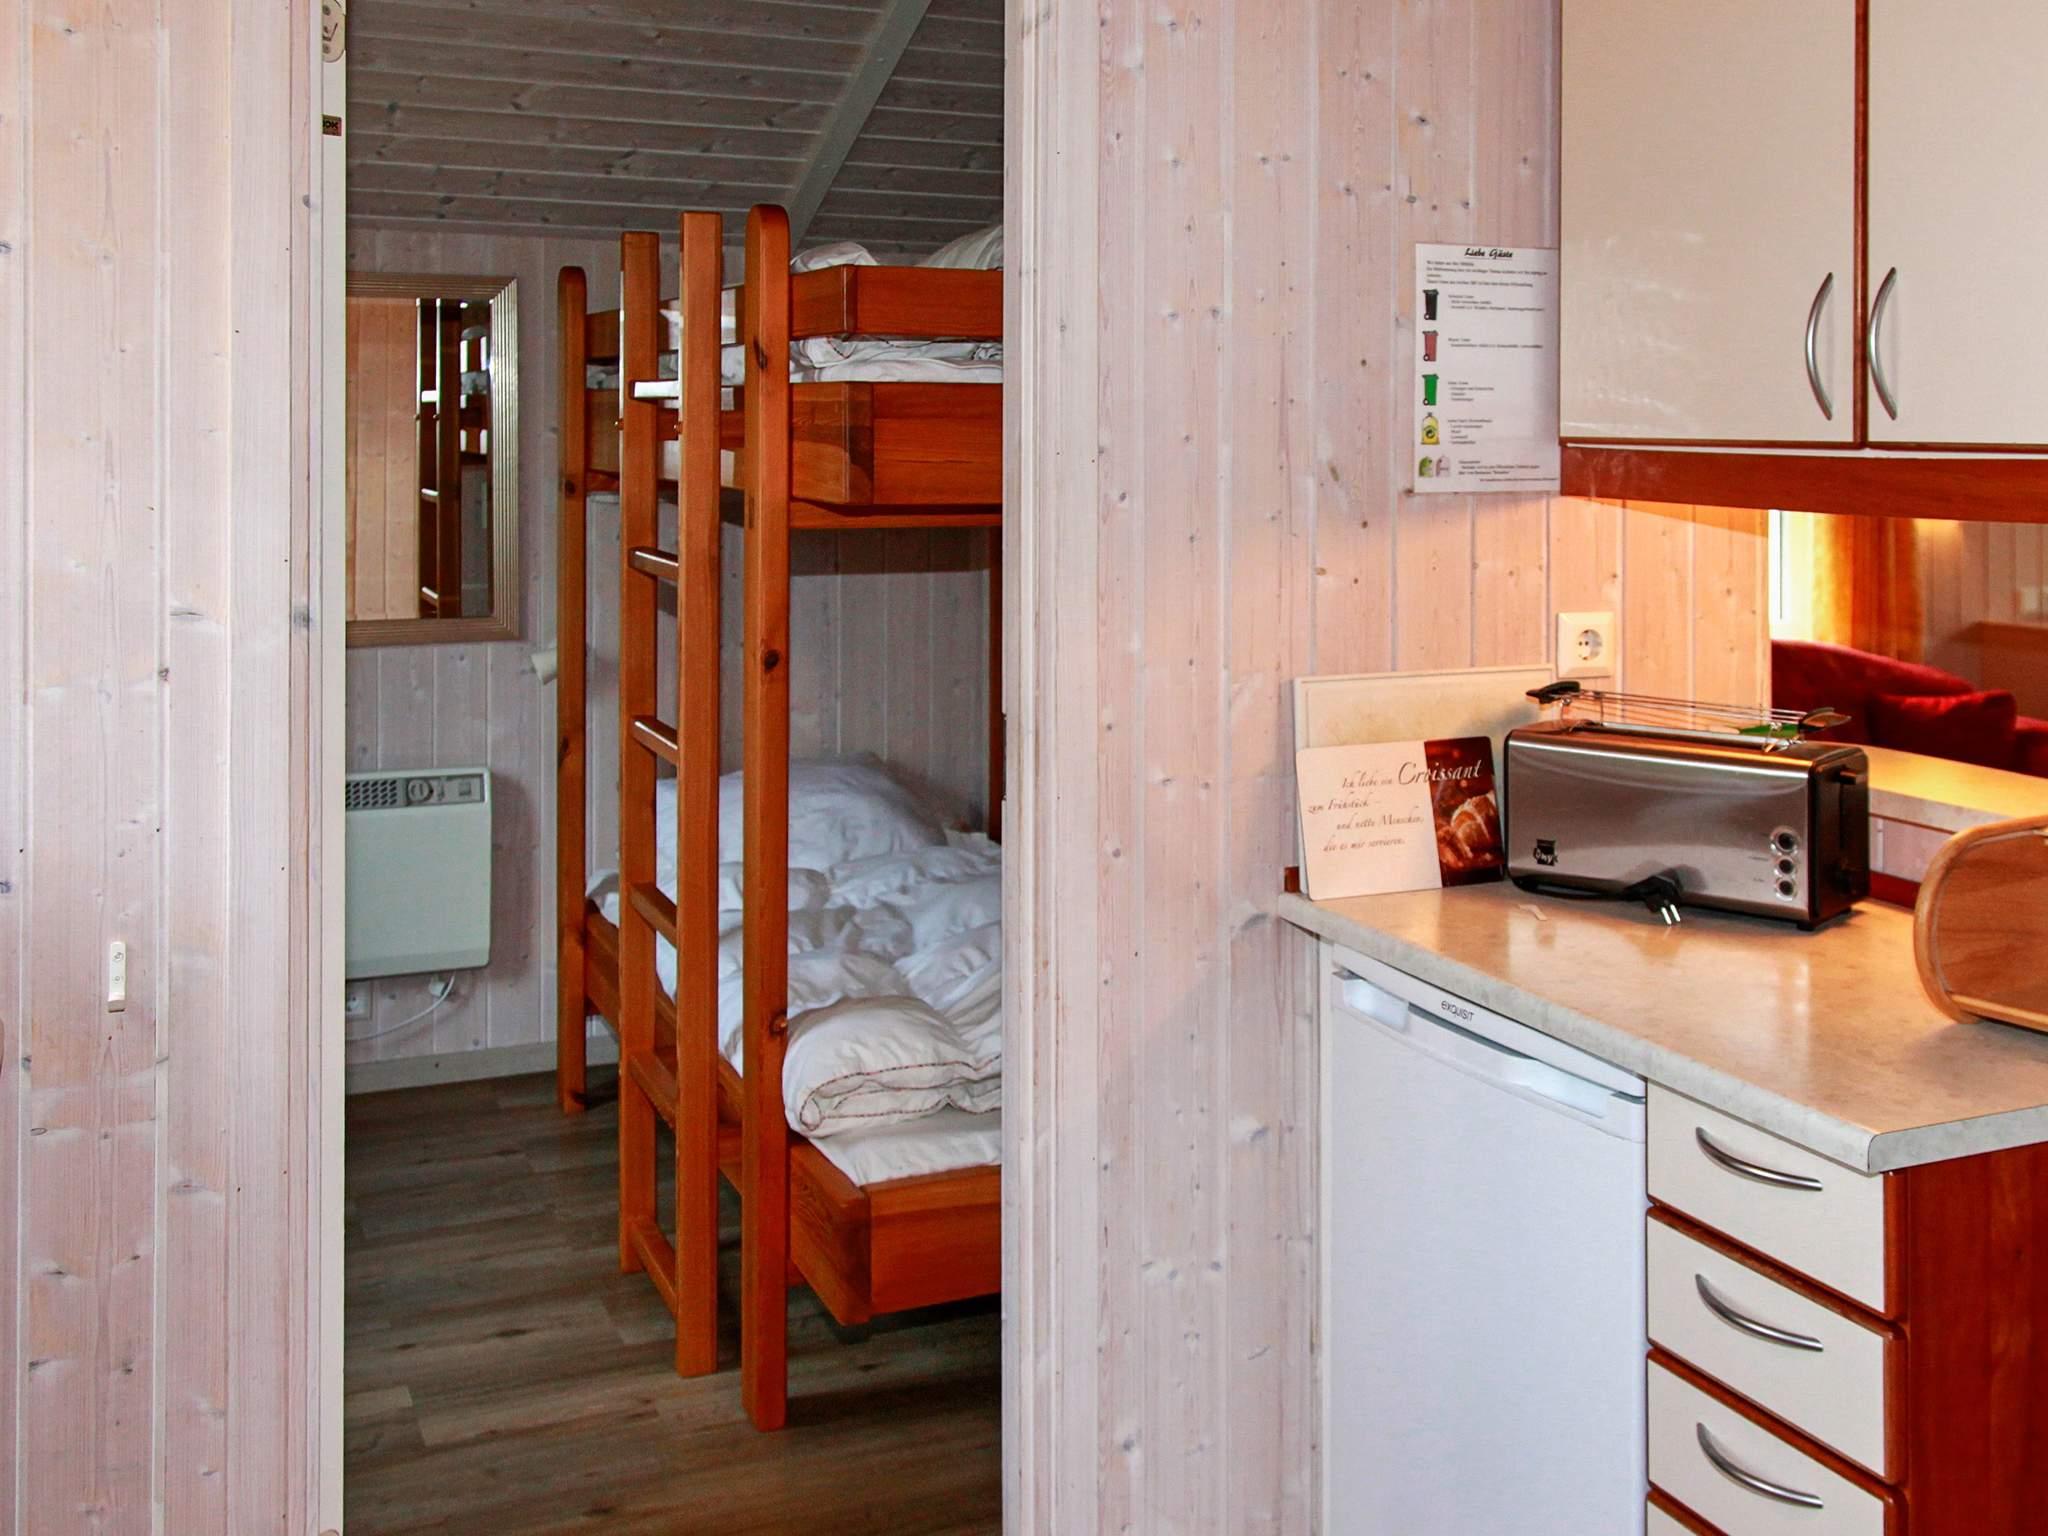 Ferienhaus Gelting (125199), Gelting, Geltinger Bucht, Schleswig-Holstein, Deutschland, Bild 3